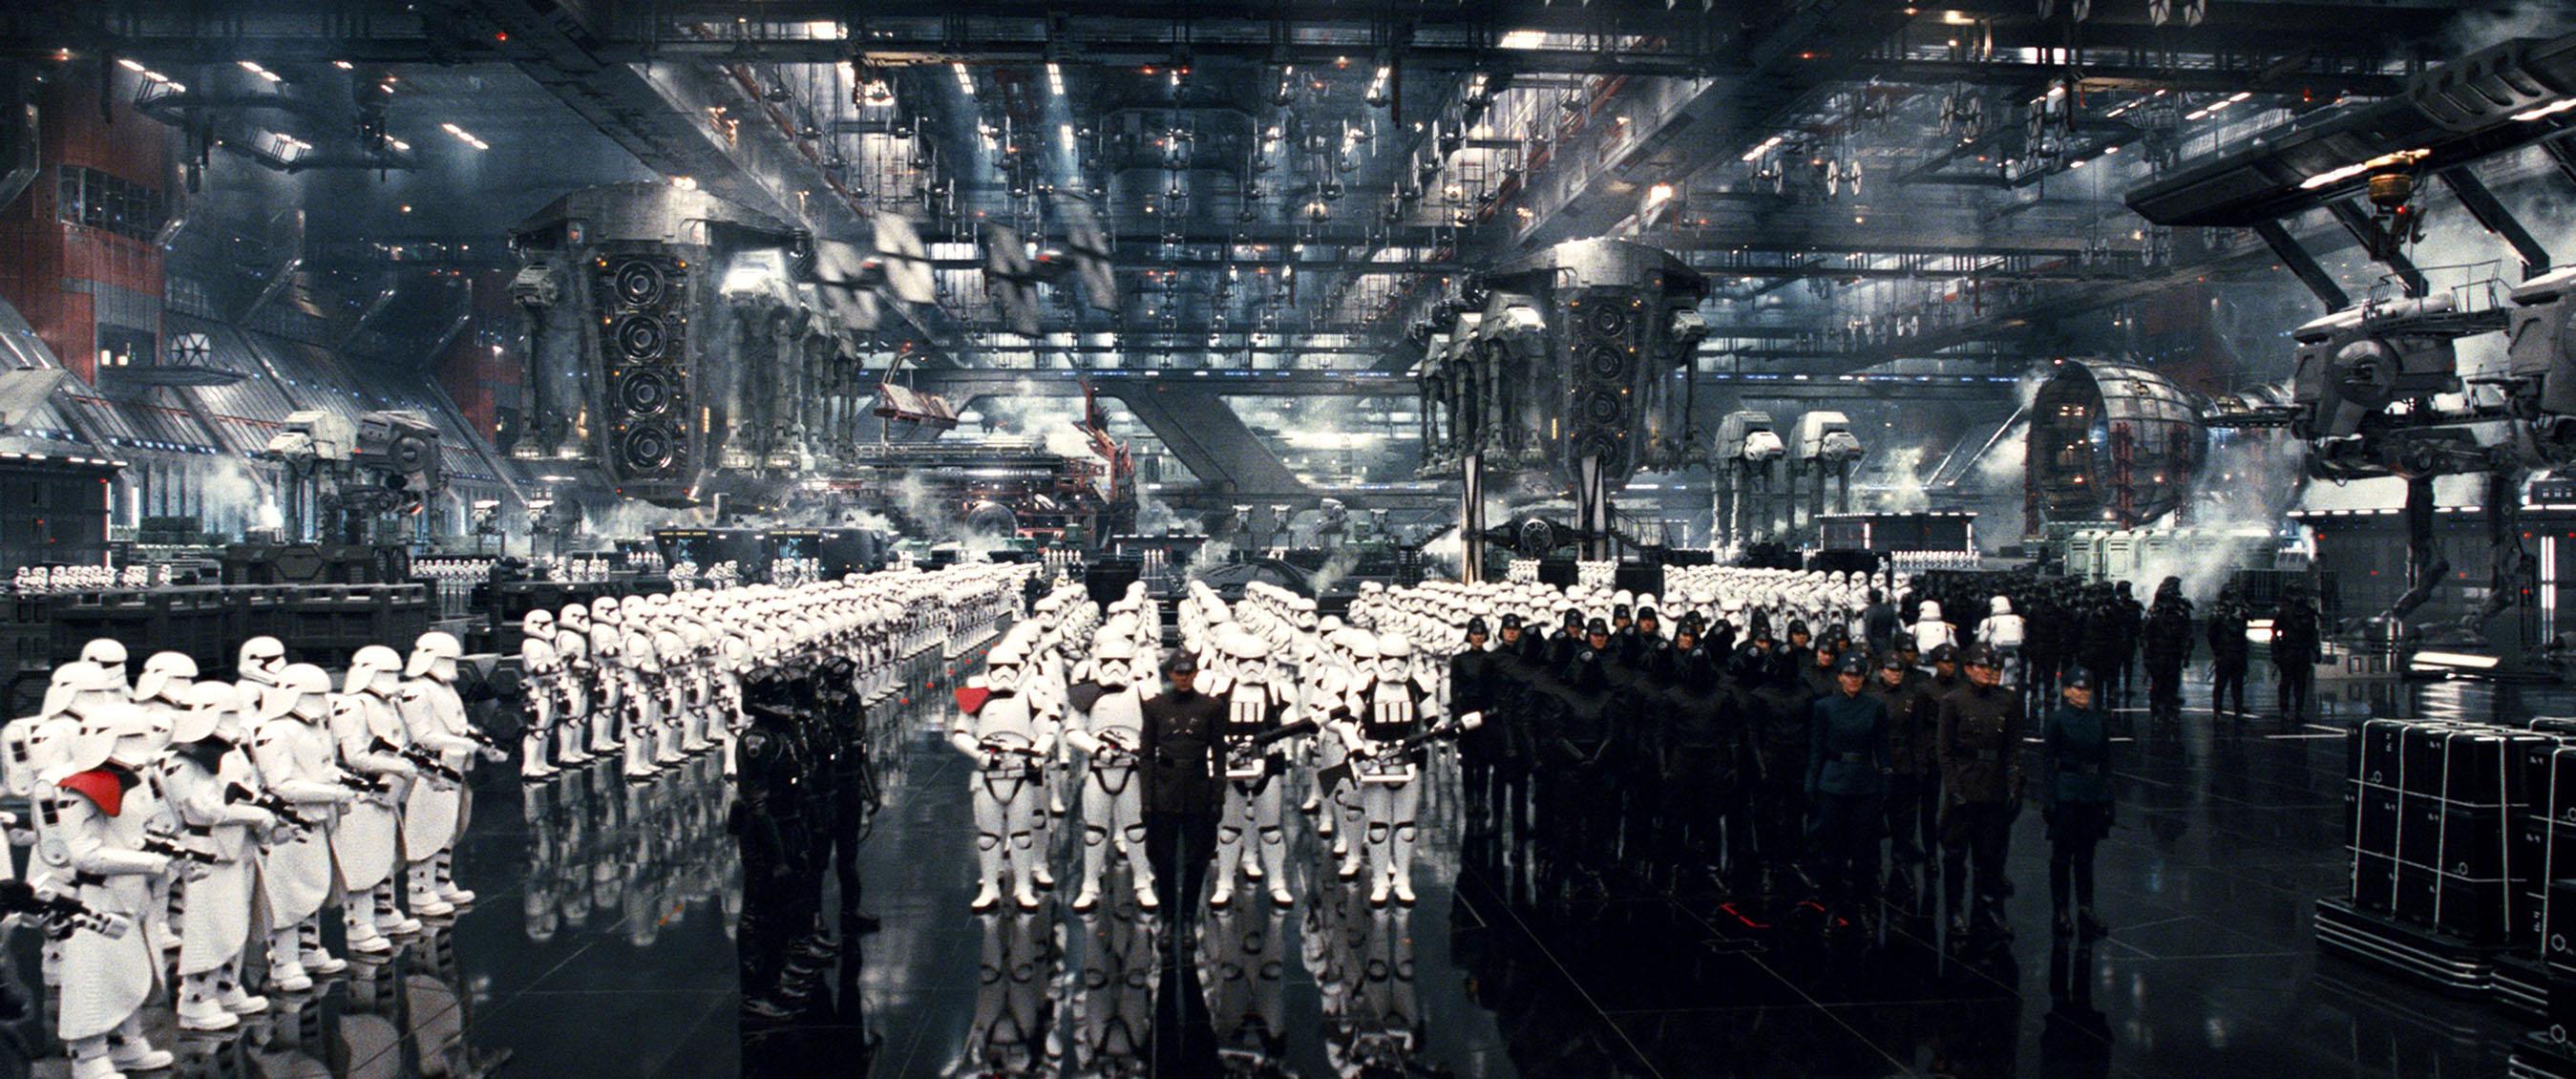 Premier ordre stormtroopers